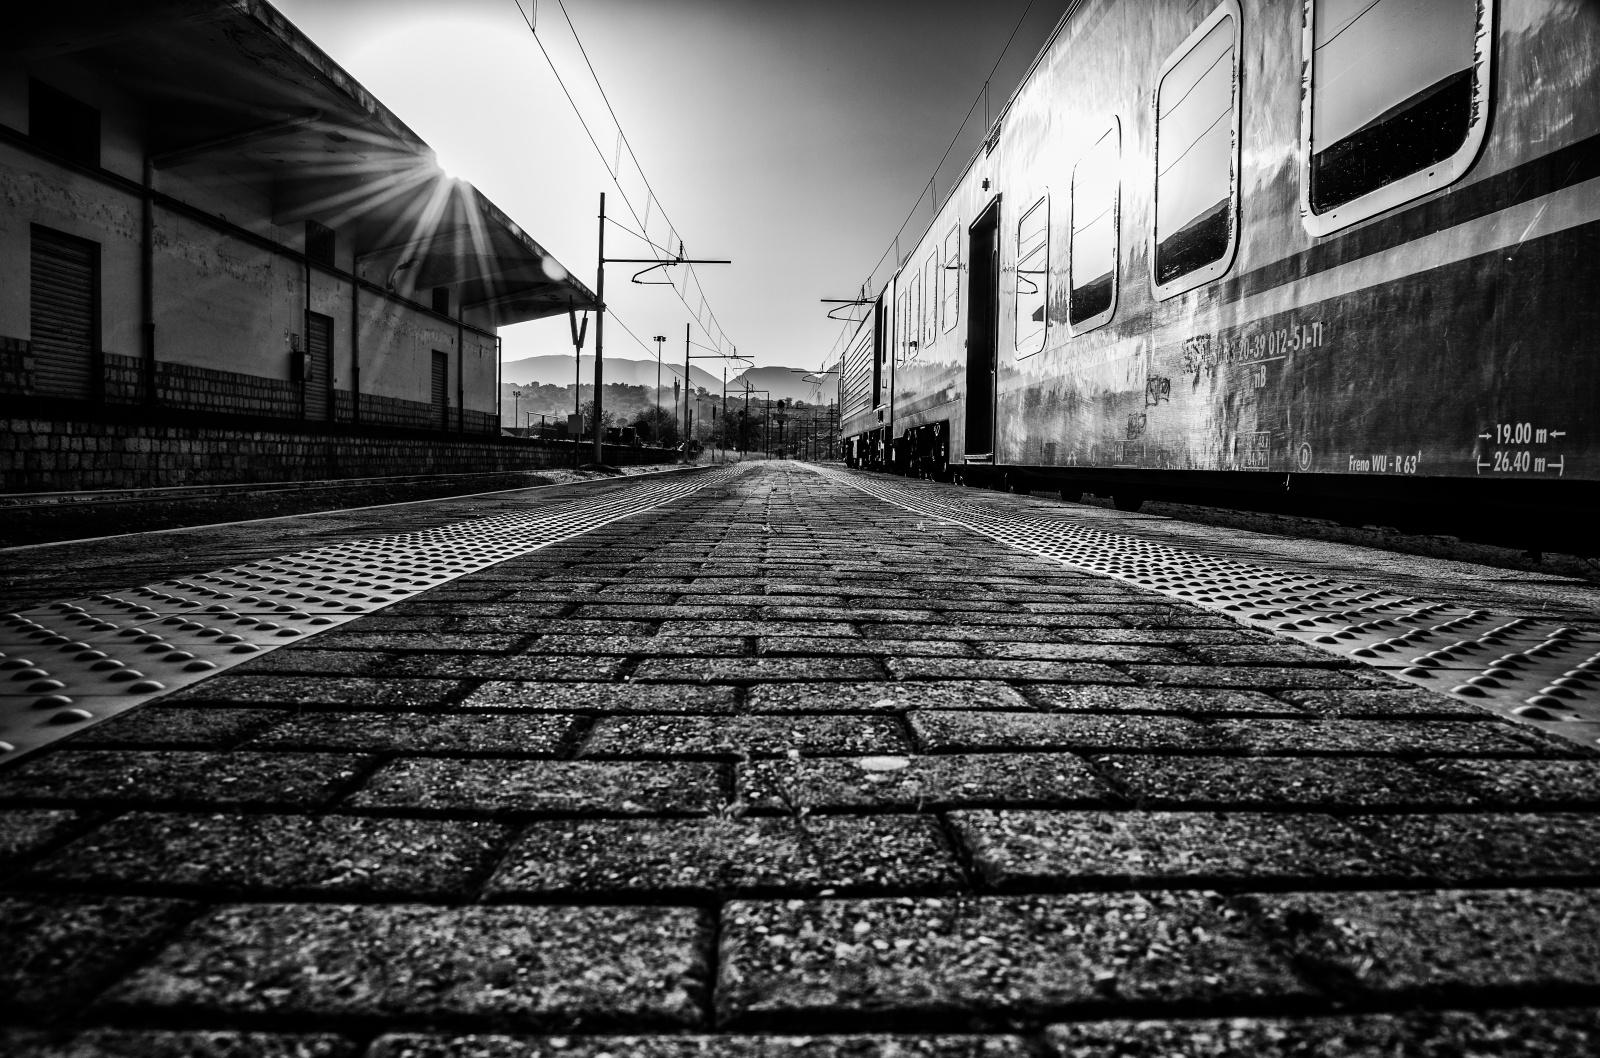 Lonely Railway